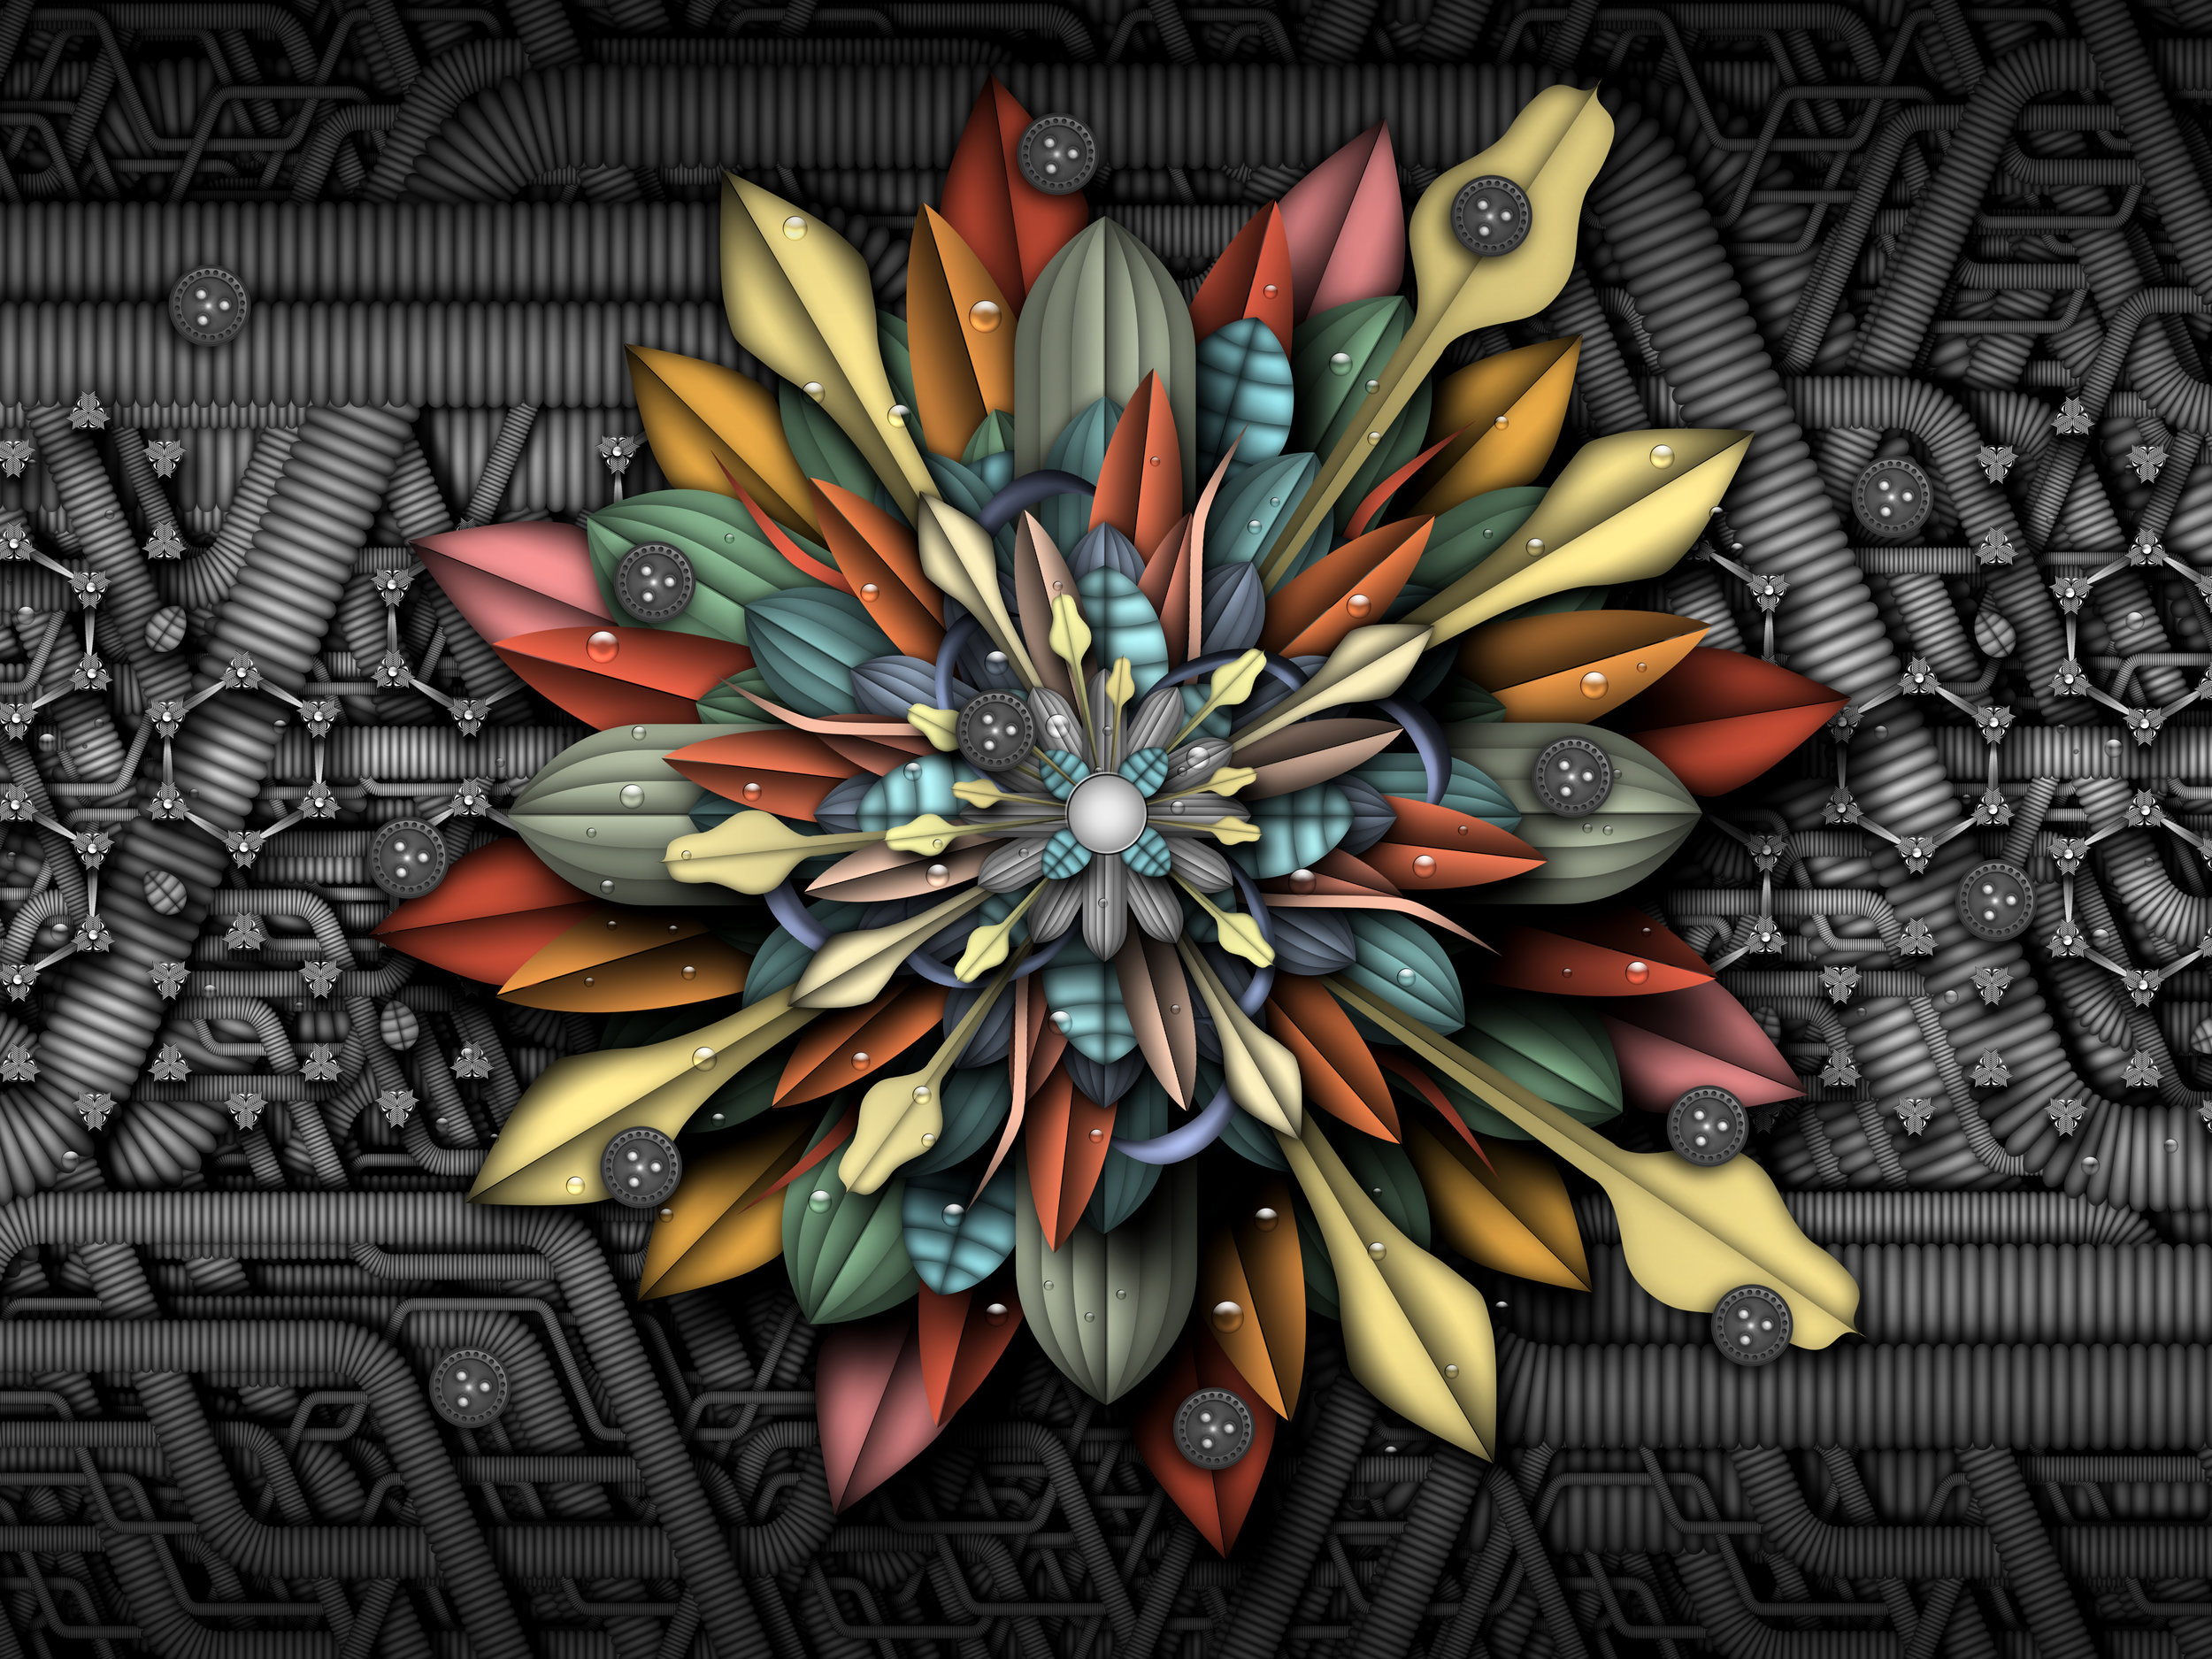 Quantum Mechanics in Color (2011)